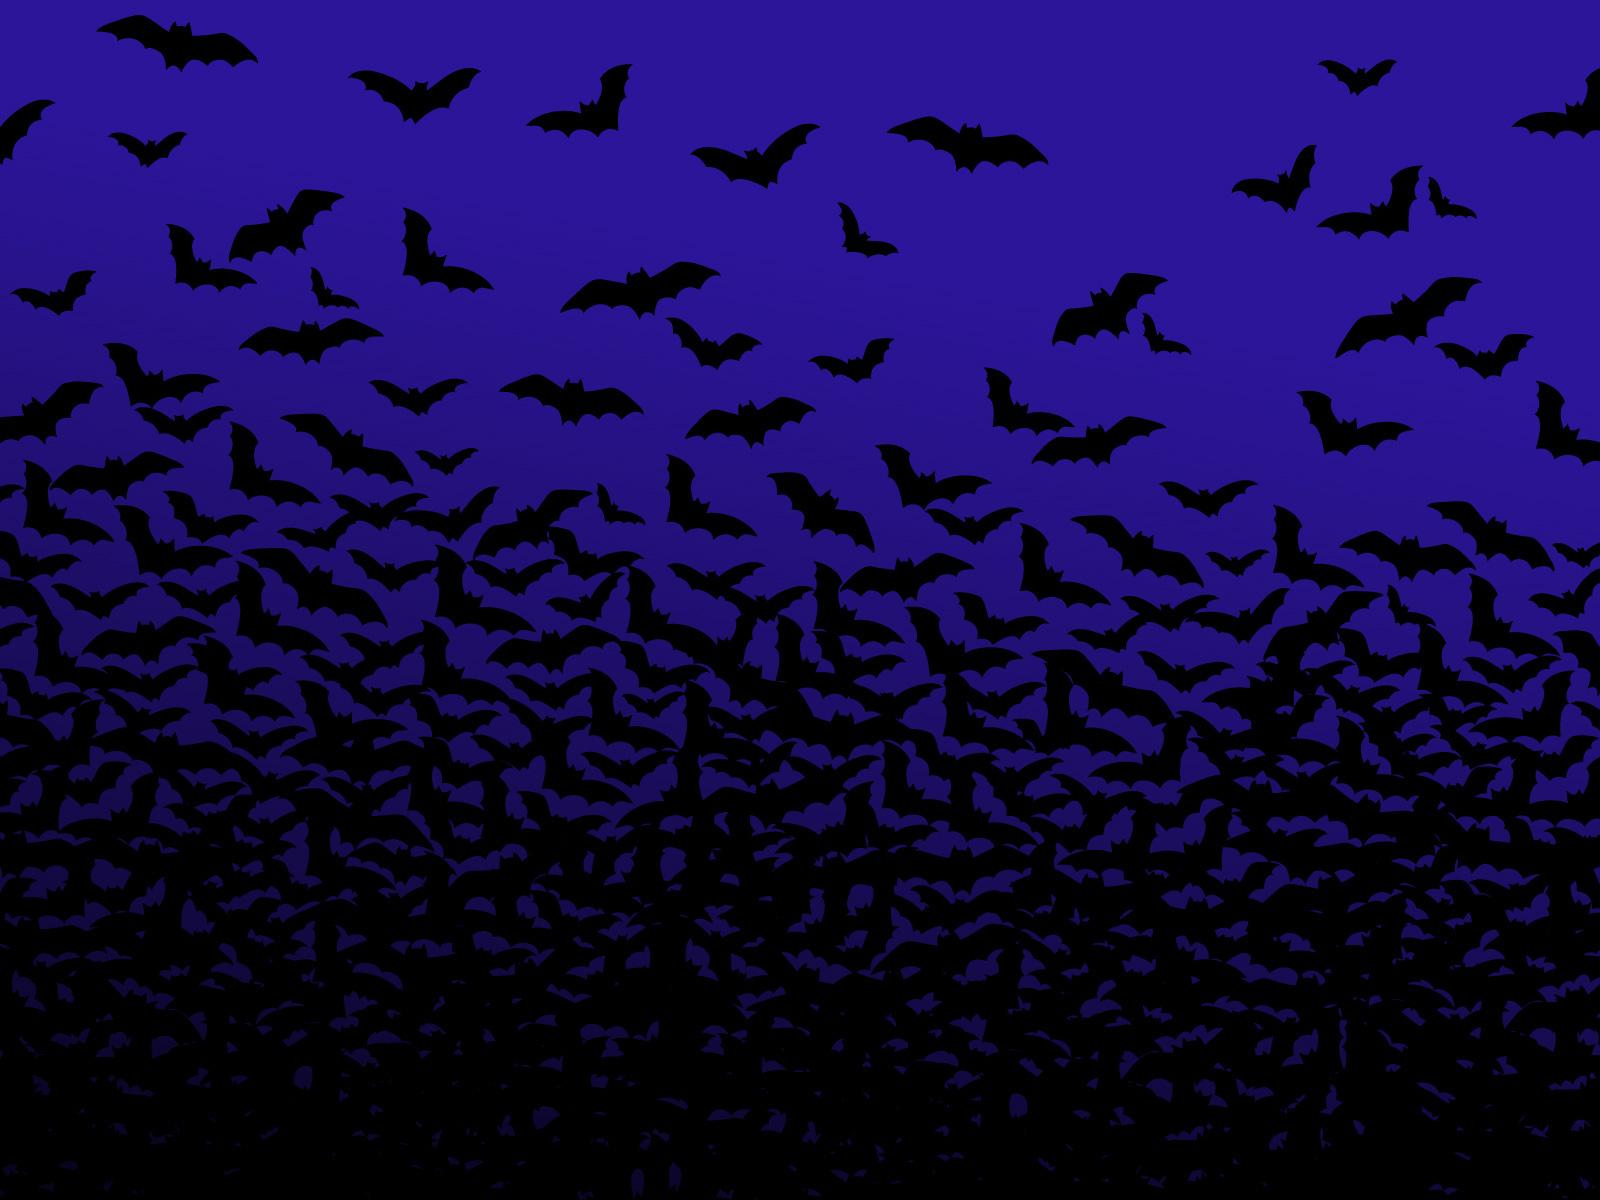 Swarm Bats Wallpaper